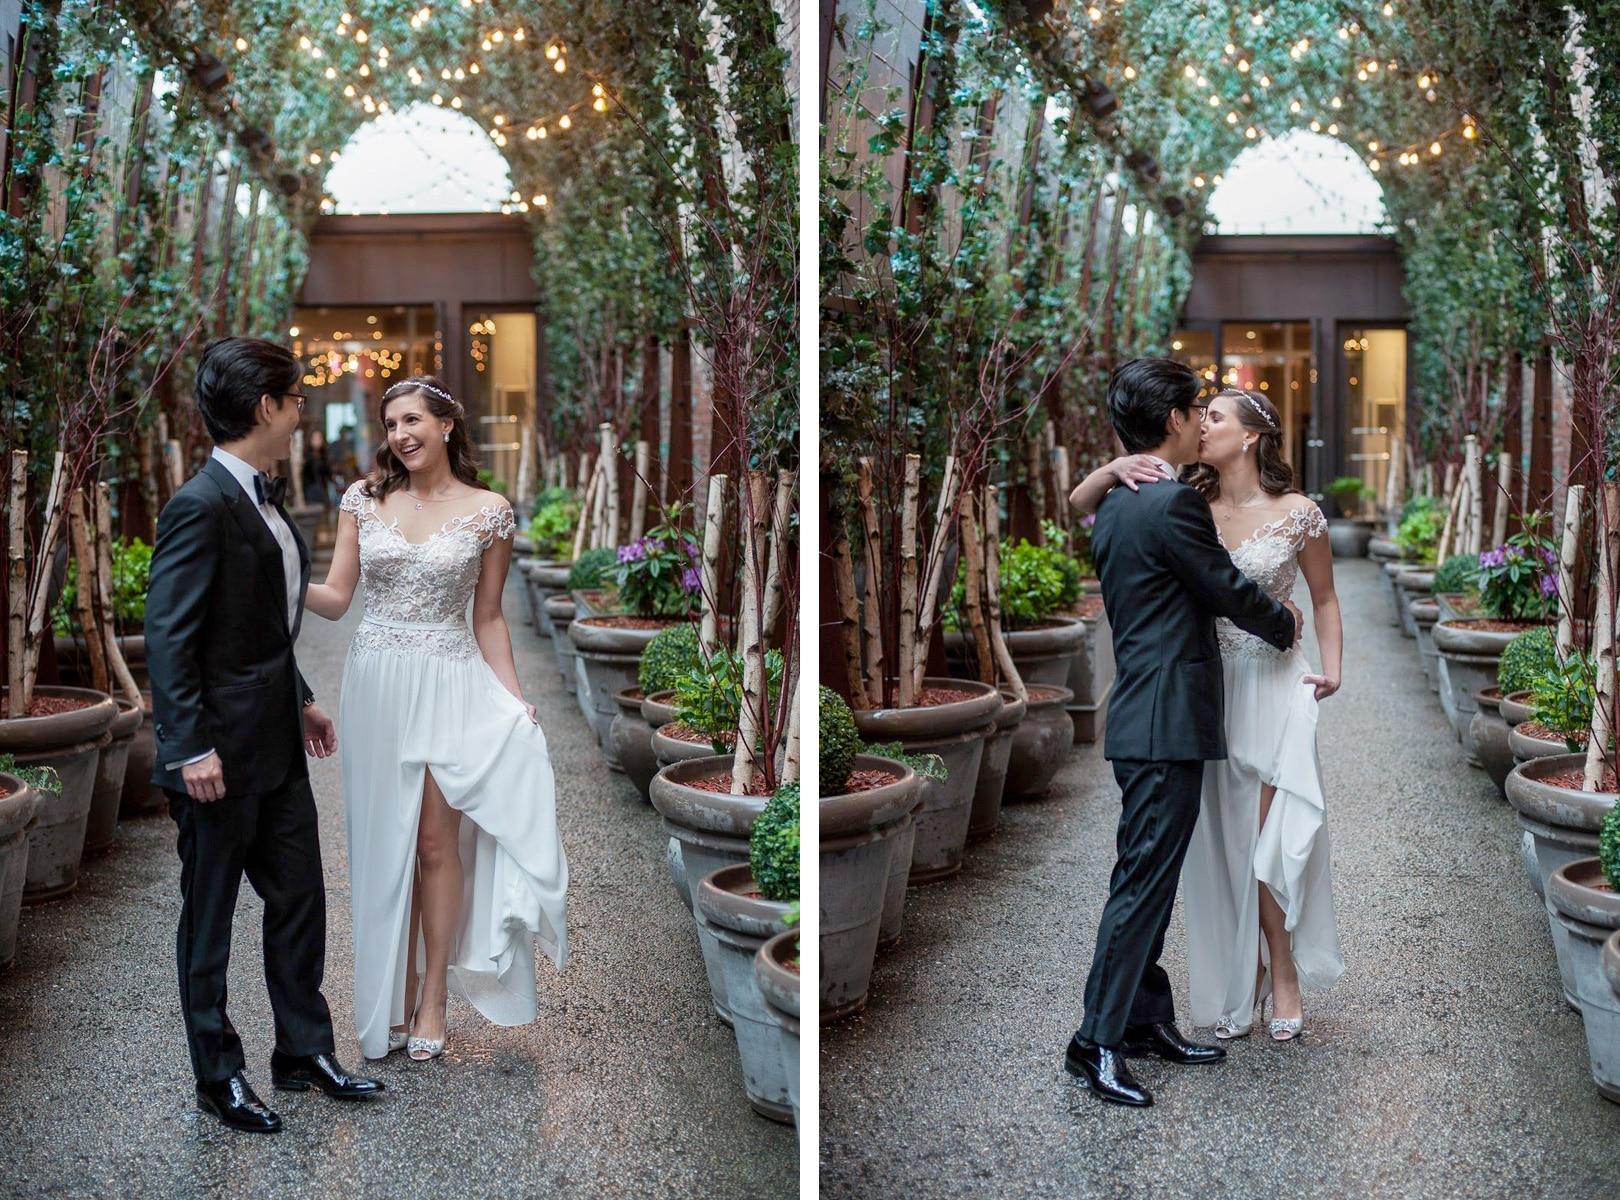 Samantha & Wan